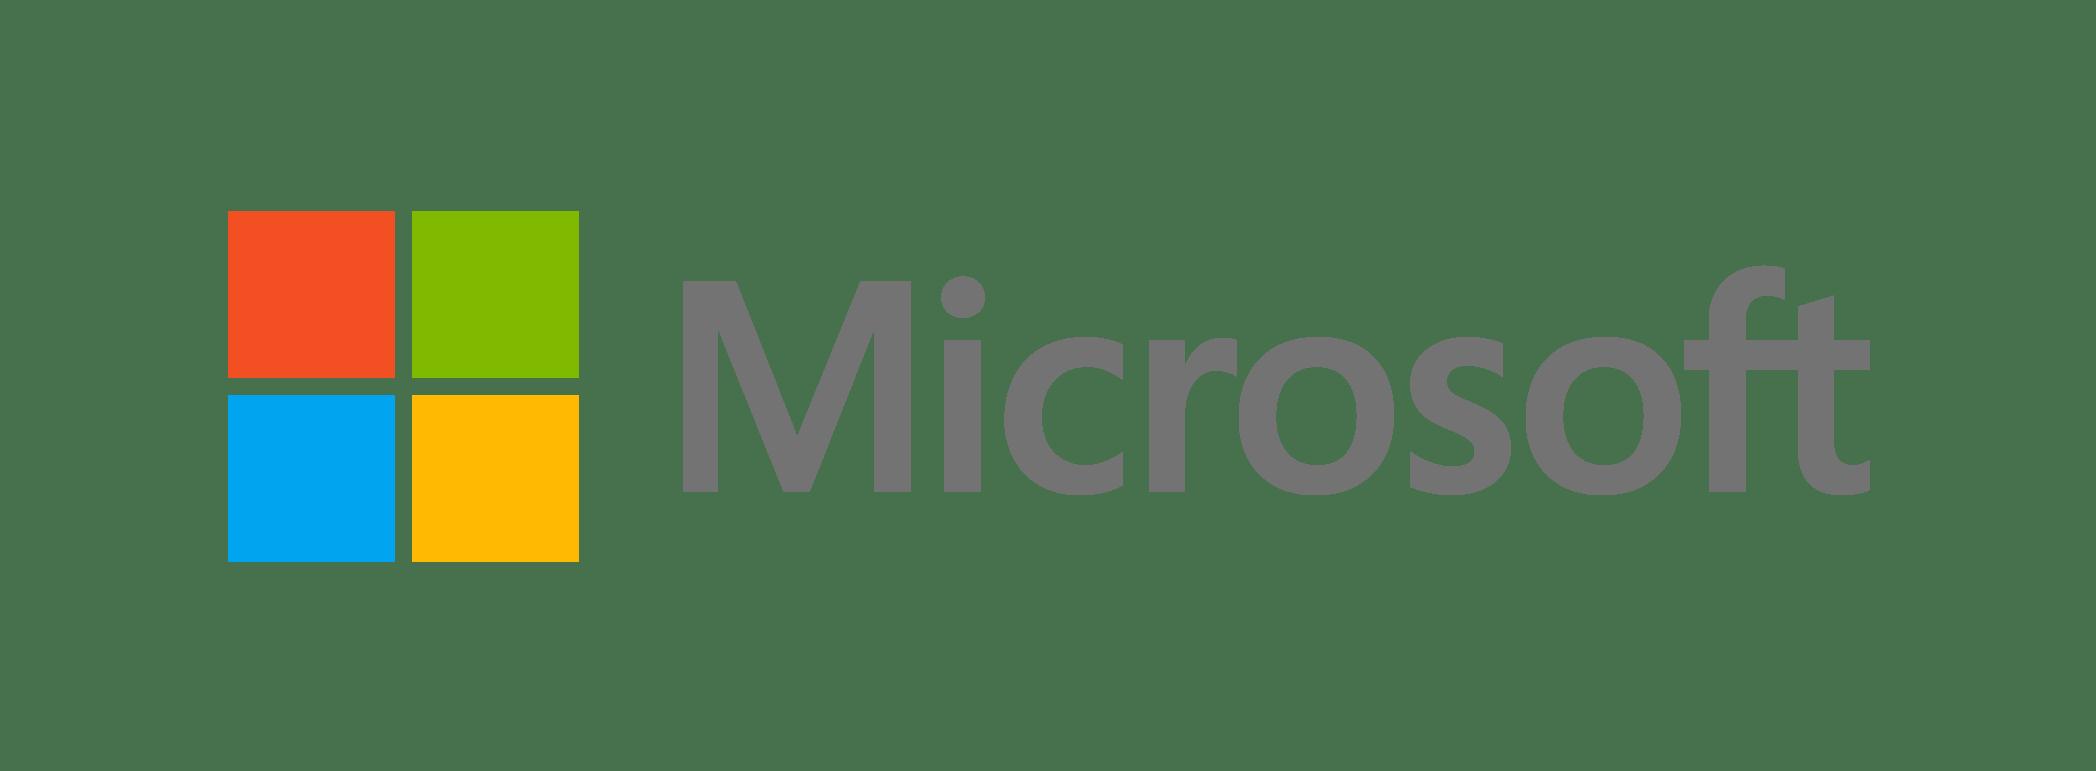 Microsoft, dans le top 3 des marques les plus proches des français